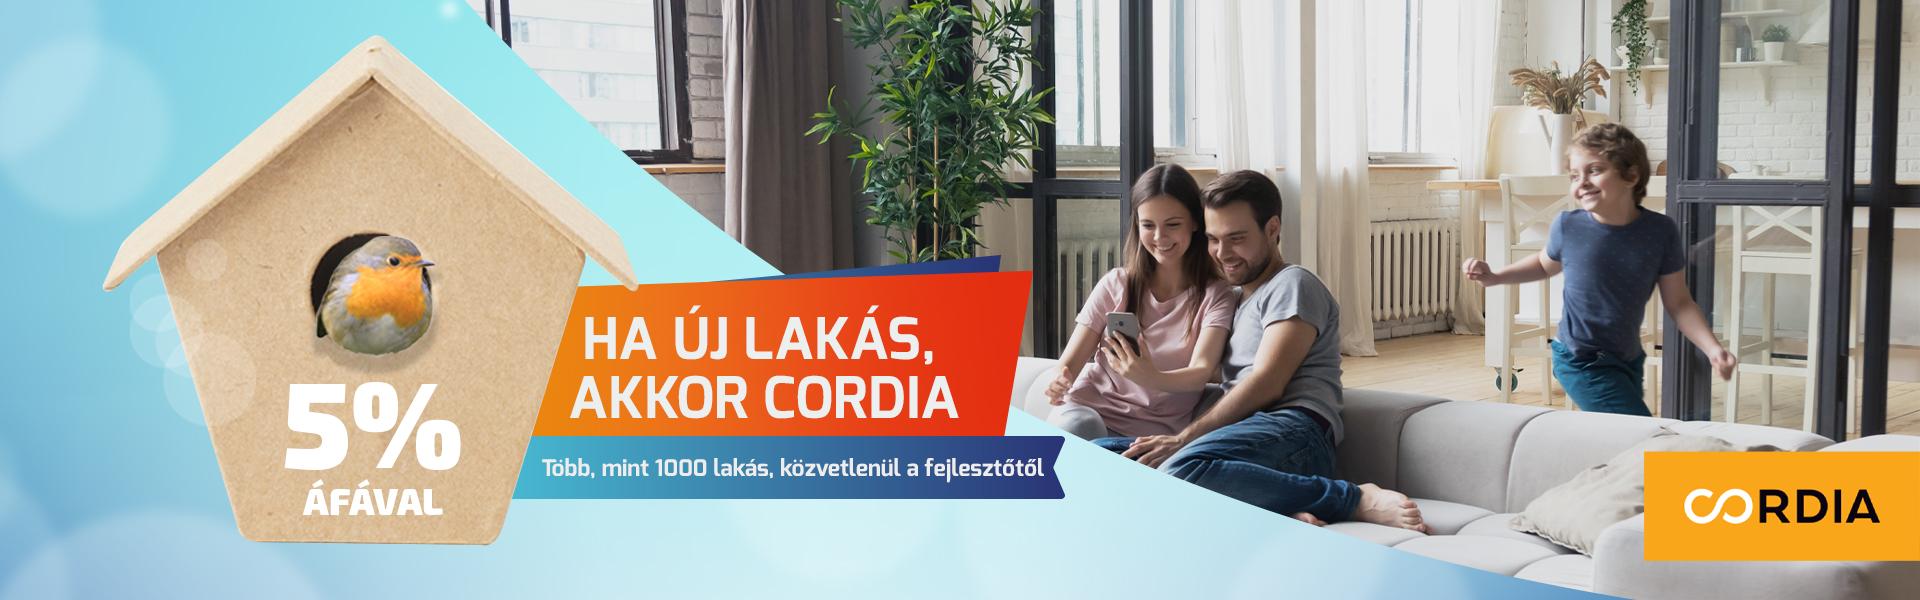 crd arengedmeny kampany nagy lakasok 1920x600 20210301